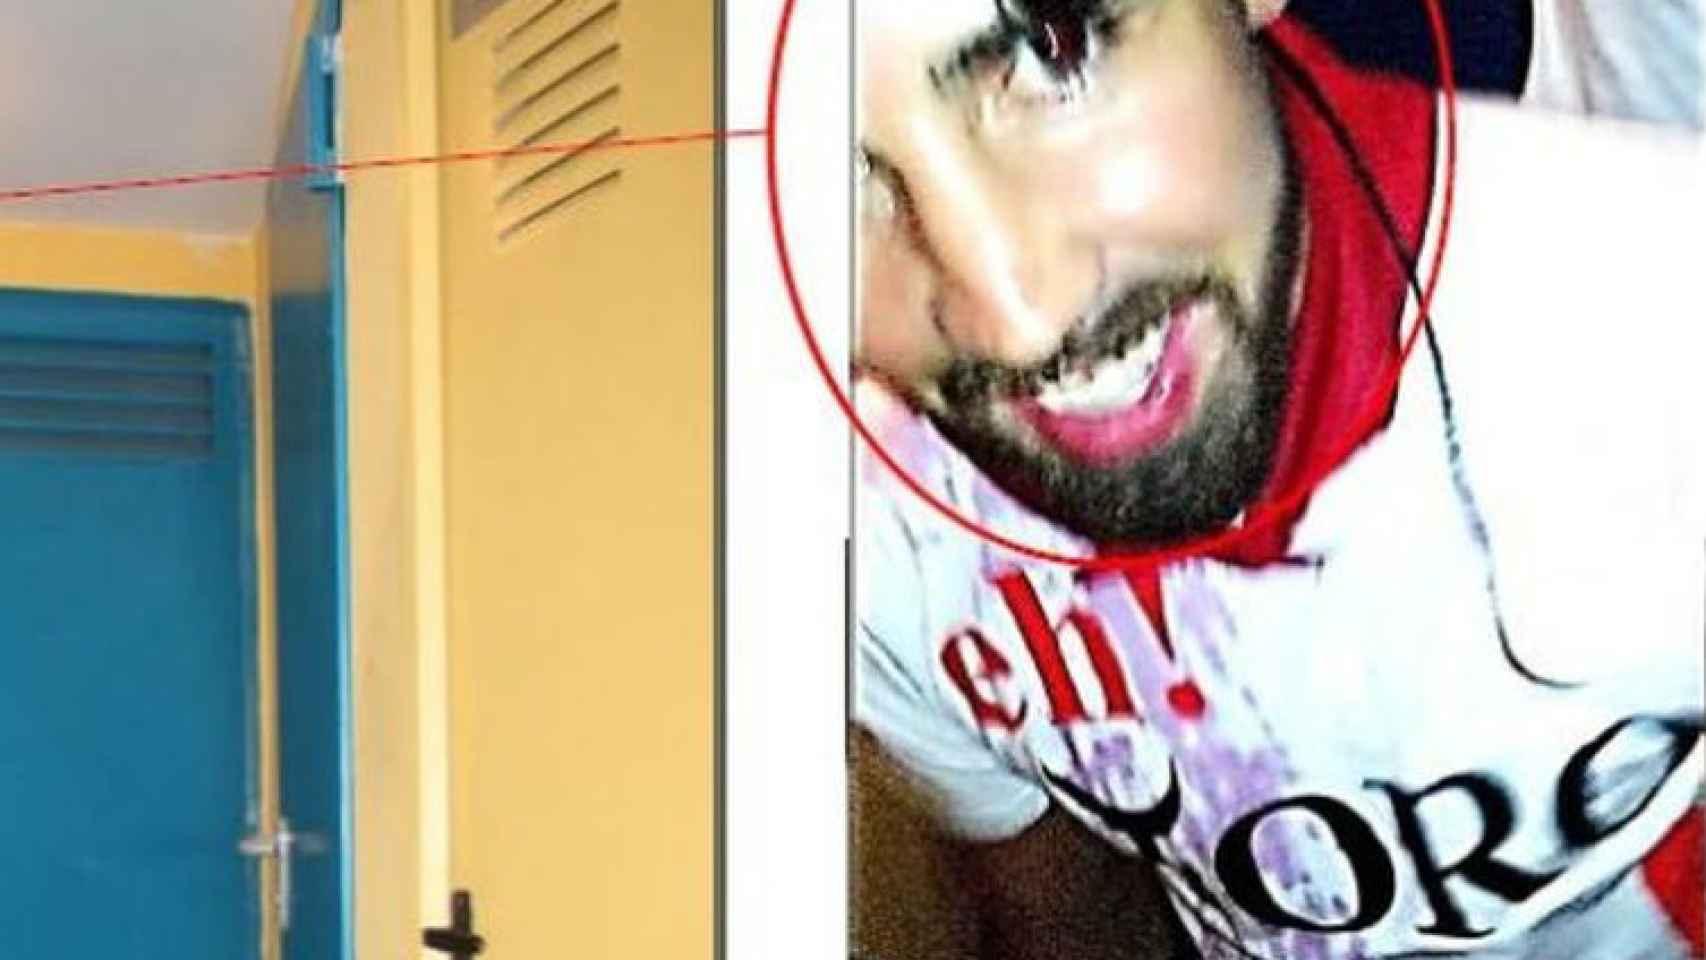 Detalle de uno de los vídeos grabados en el portal de Pamplona en el que se reconoce a Jesús Escudero.